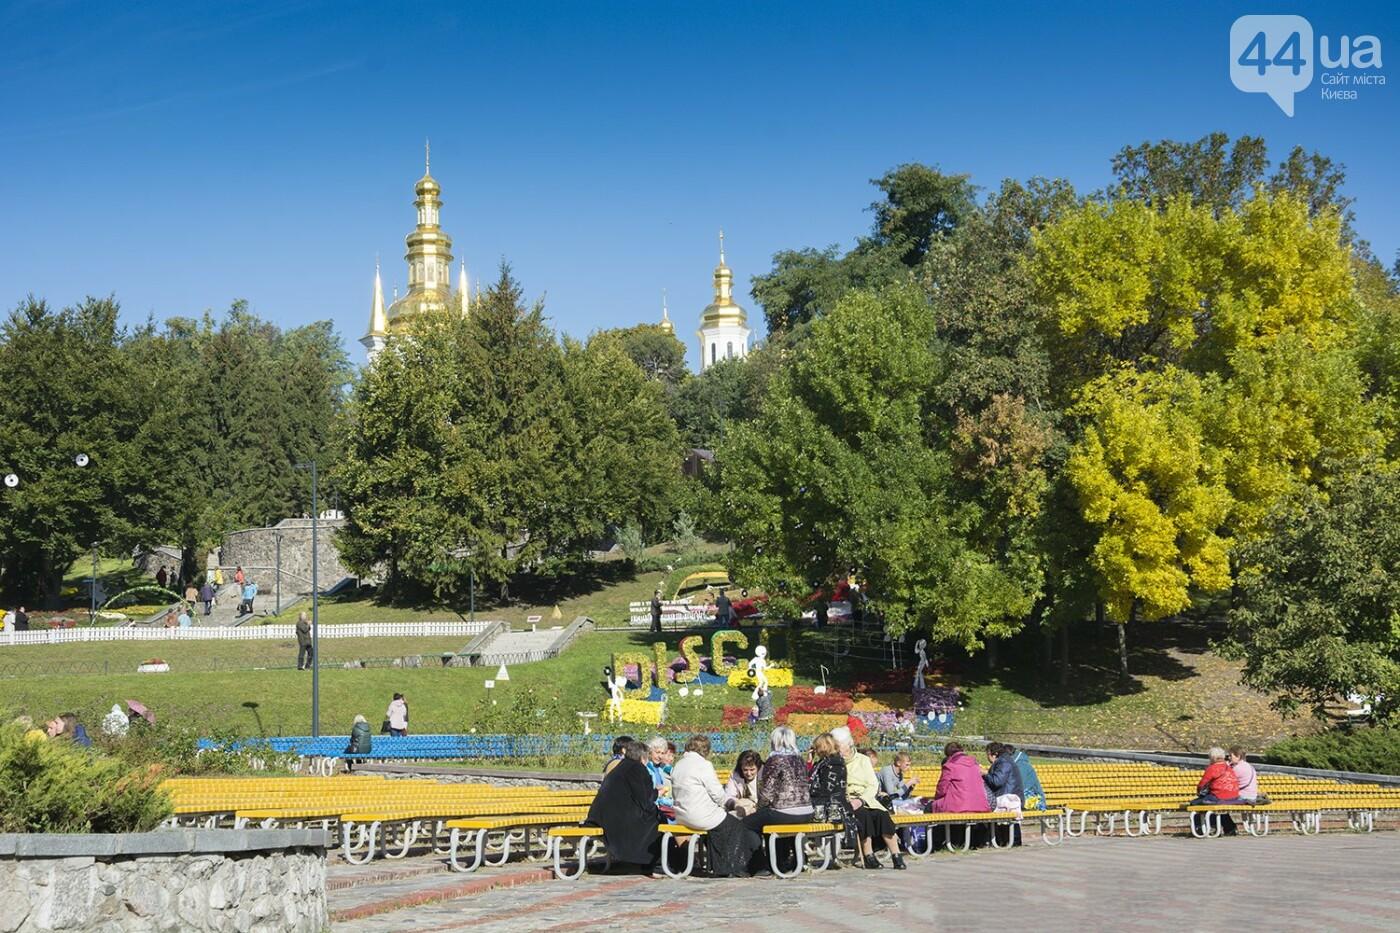 С музыкой и цветами: в Киеве стартовал красочный фестиваль хризантем, - ФОТОРЕПОРТАЖ, фото-1